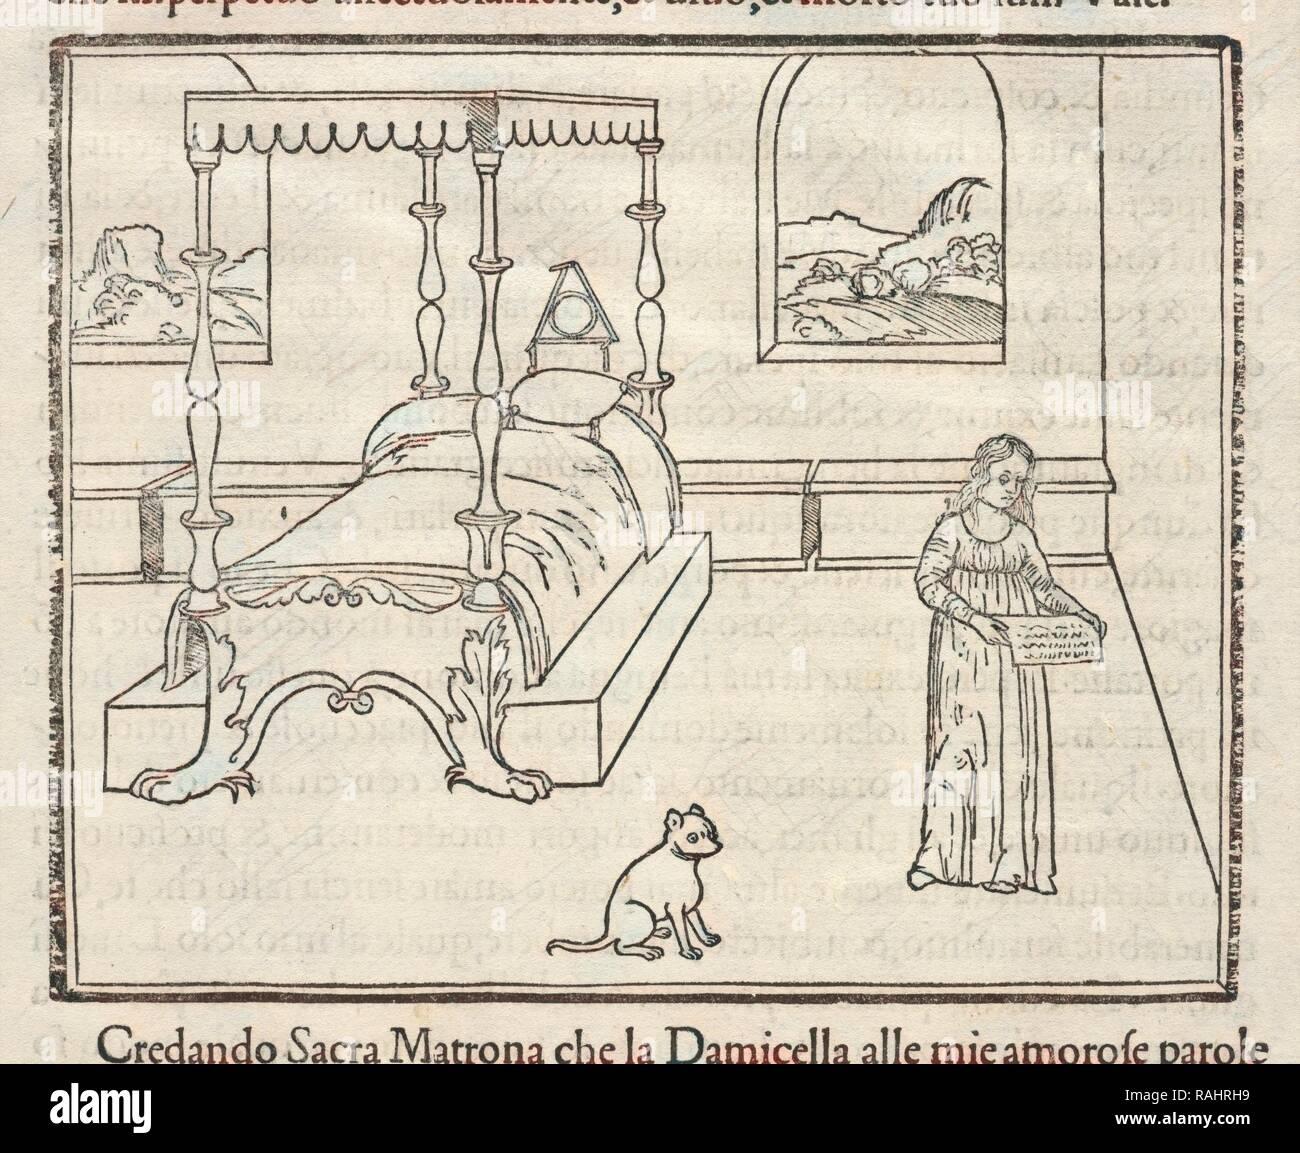 Woman and Dog in Domestic Interior with Landscape Views, La Hypnerotomachia di Poliphilo: cioè pvgna d'amore in sogno reimagined - Stock Image